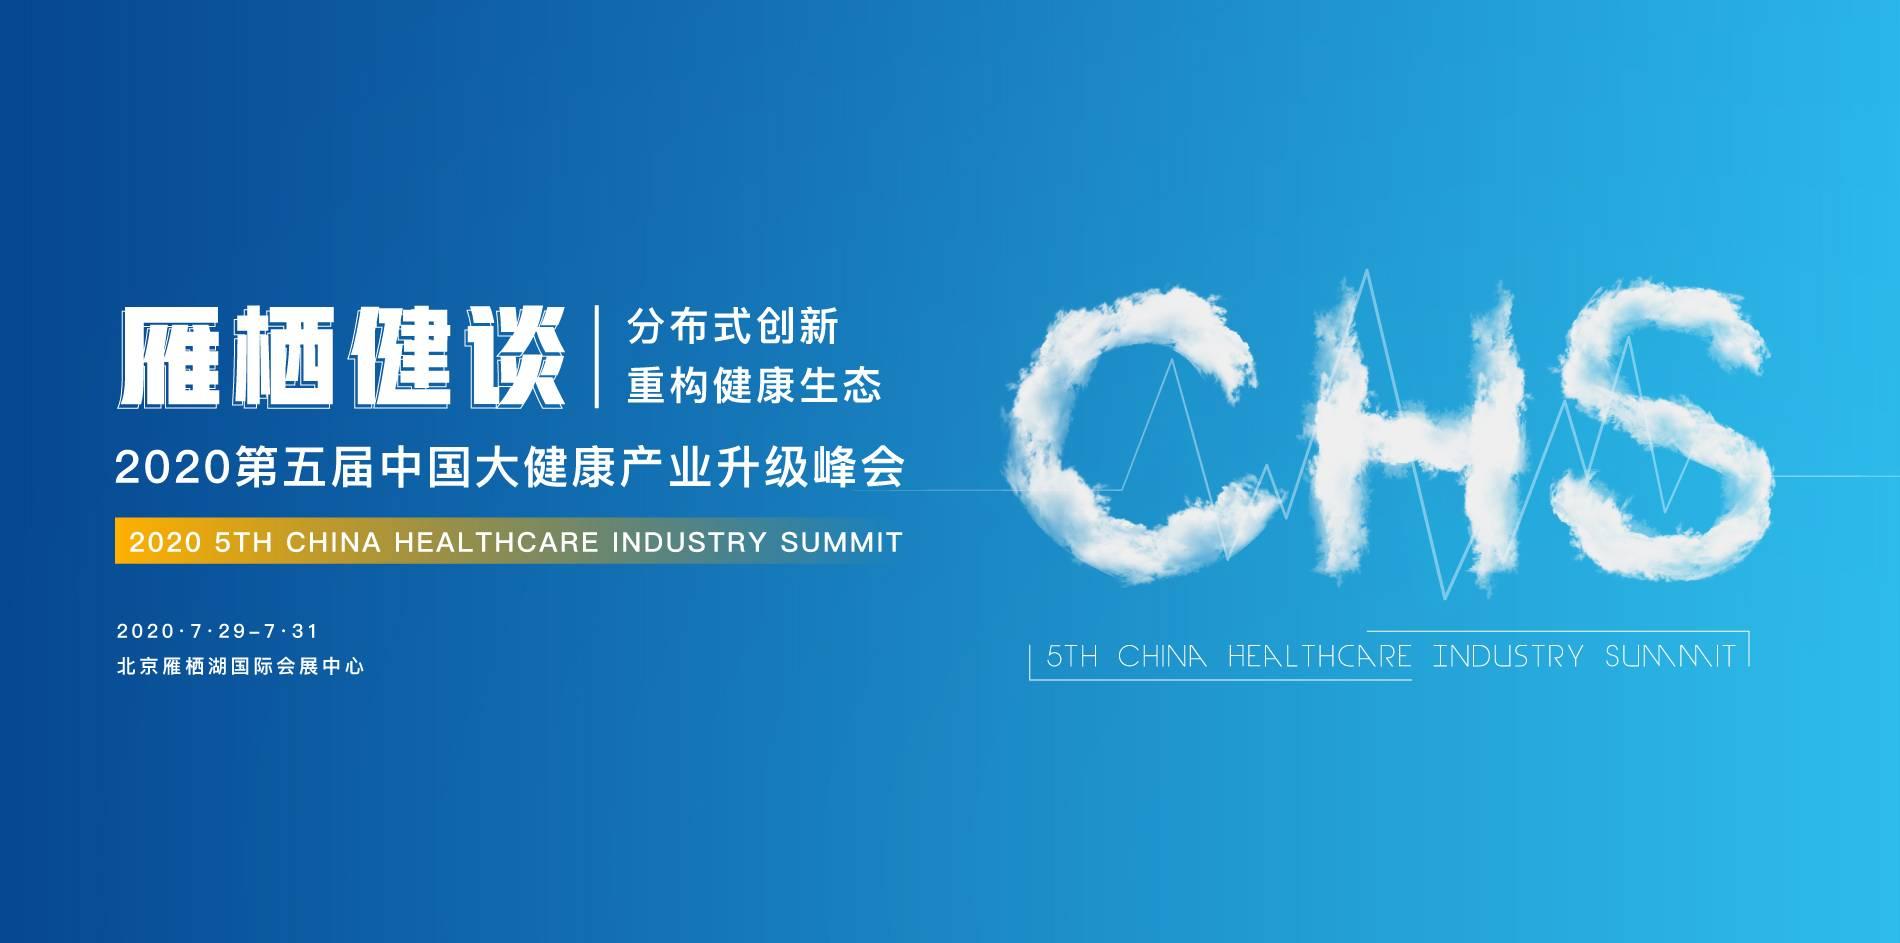 【活动】雁栖健谈 CHS 2020第五届中国大健康产业升级峰会-高德娱乐